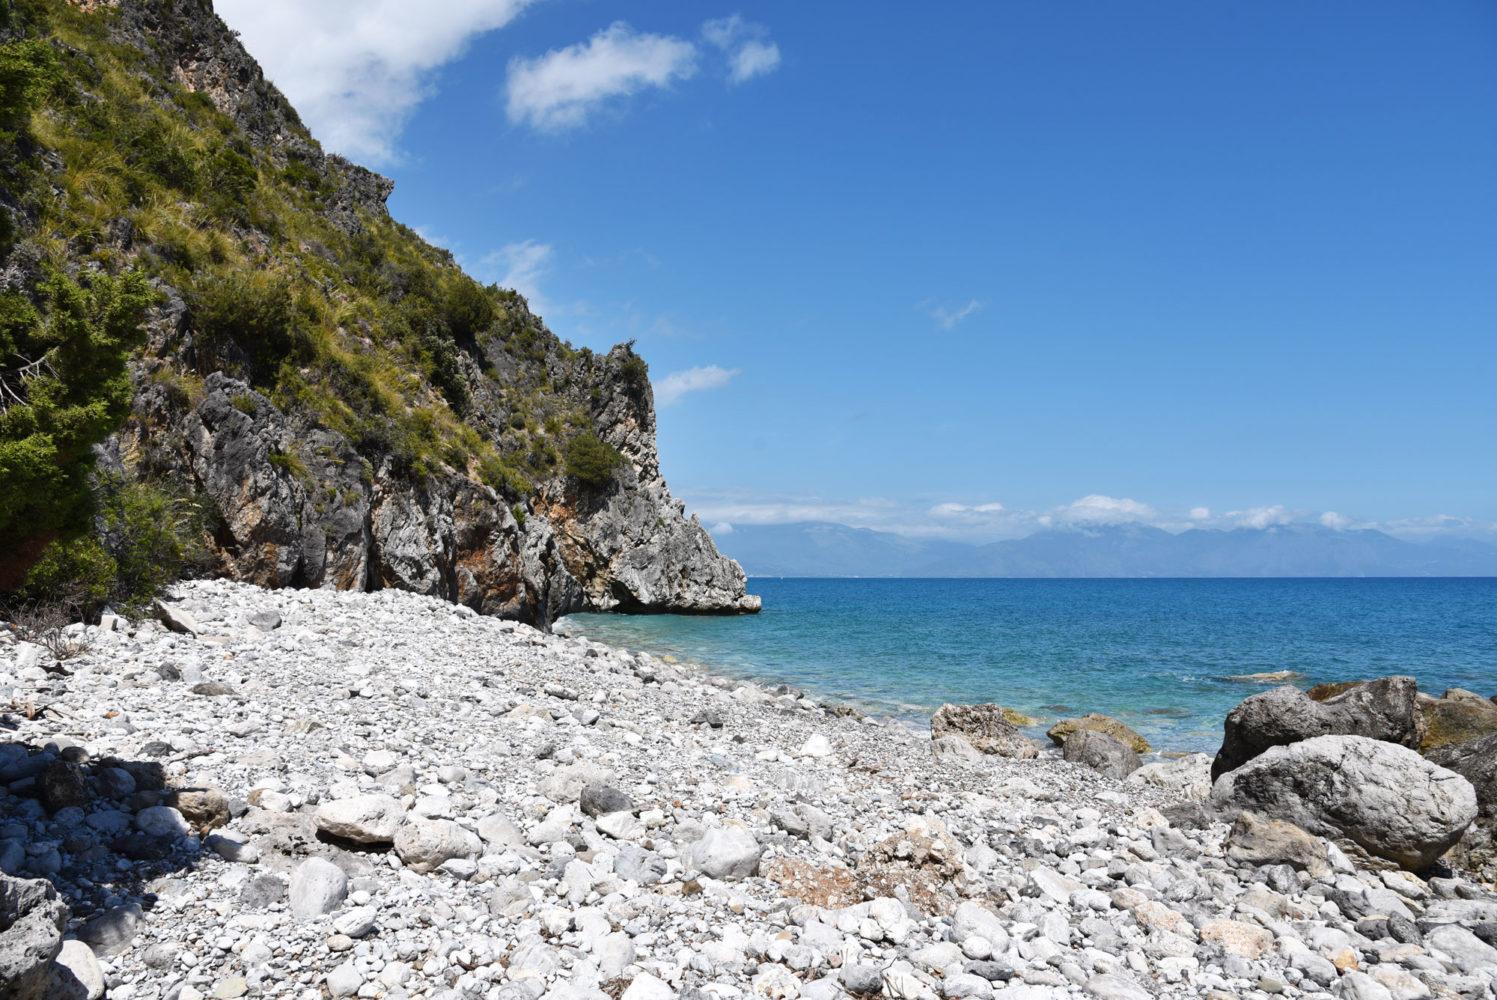 Spiaggia-dei francesi spiaggia del-Marcellino (2)